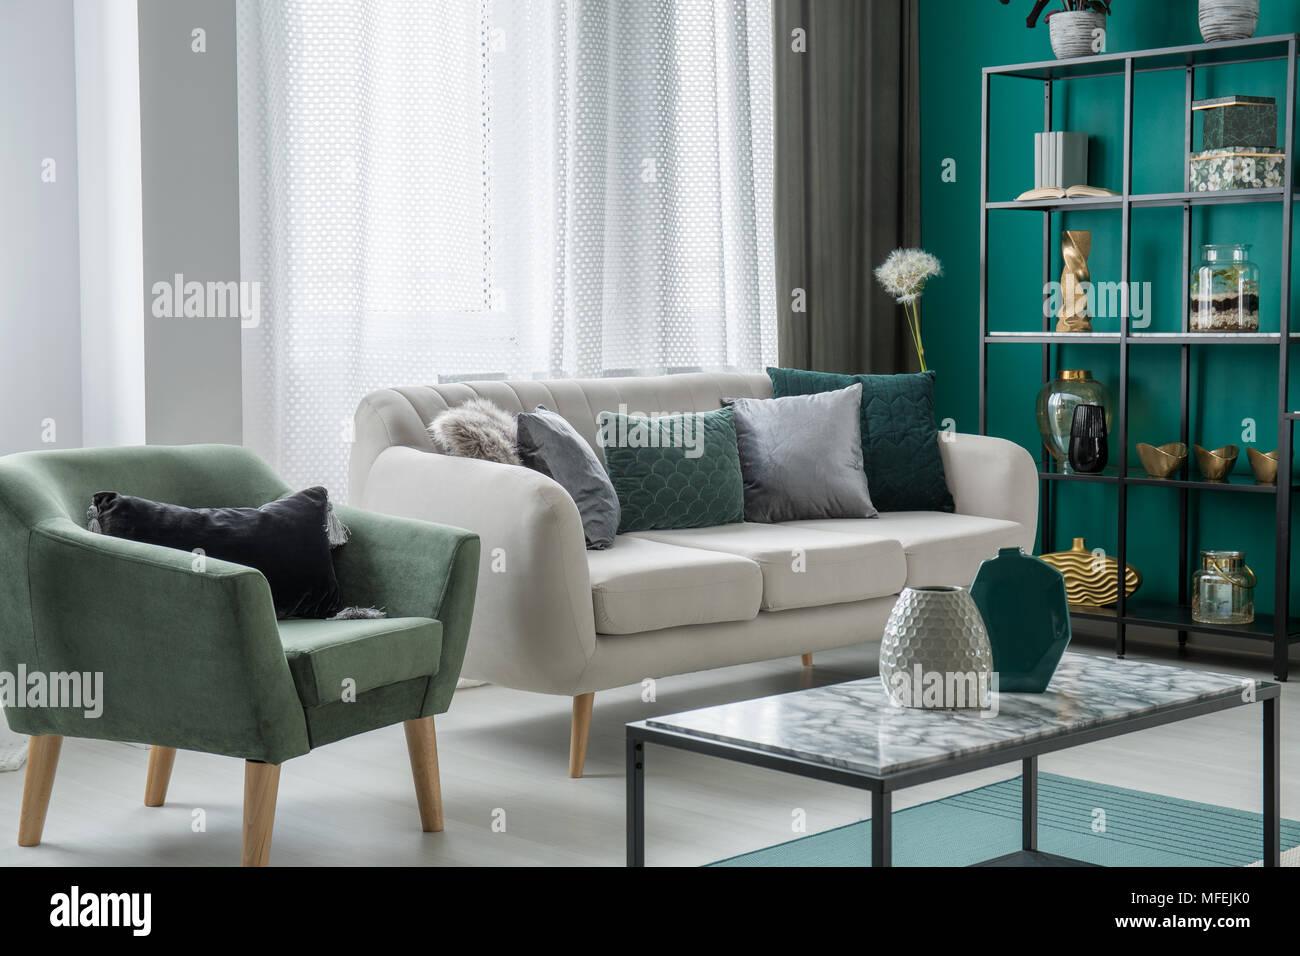 Grun Und Silber Dekorative Kissen Auf Einem Hellgrauen Couch Im